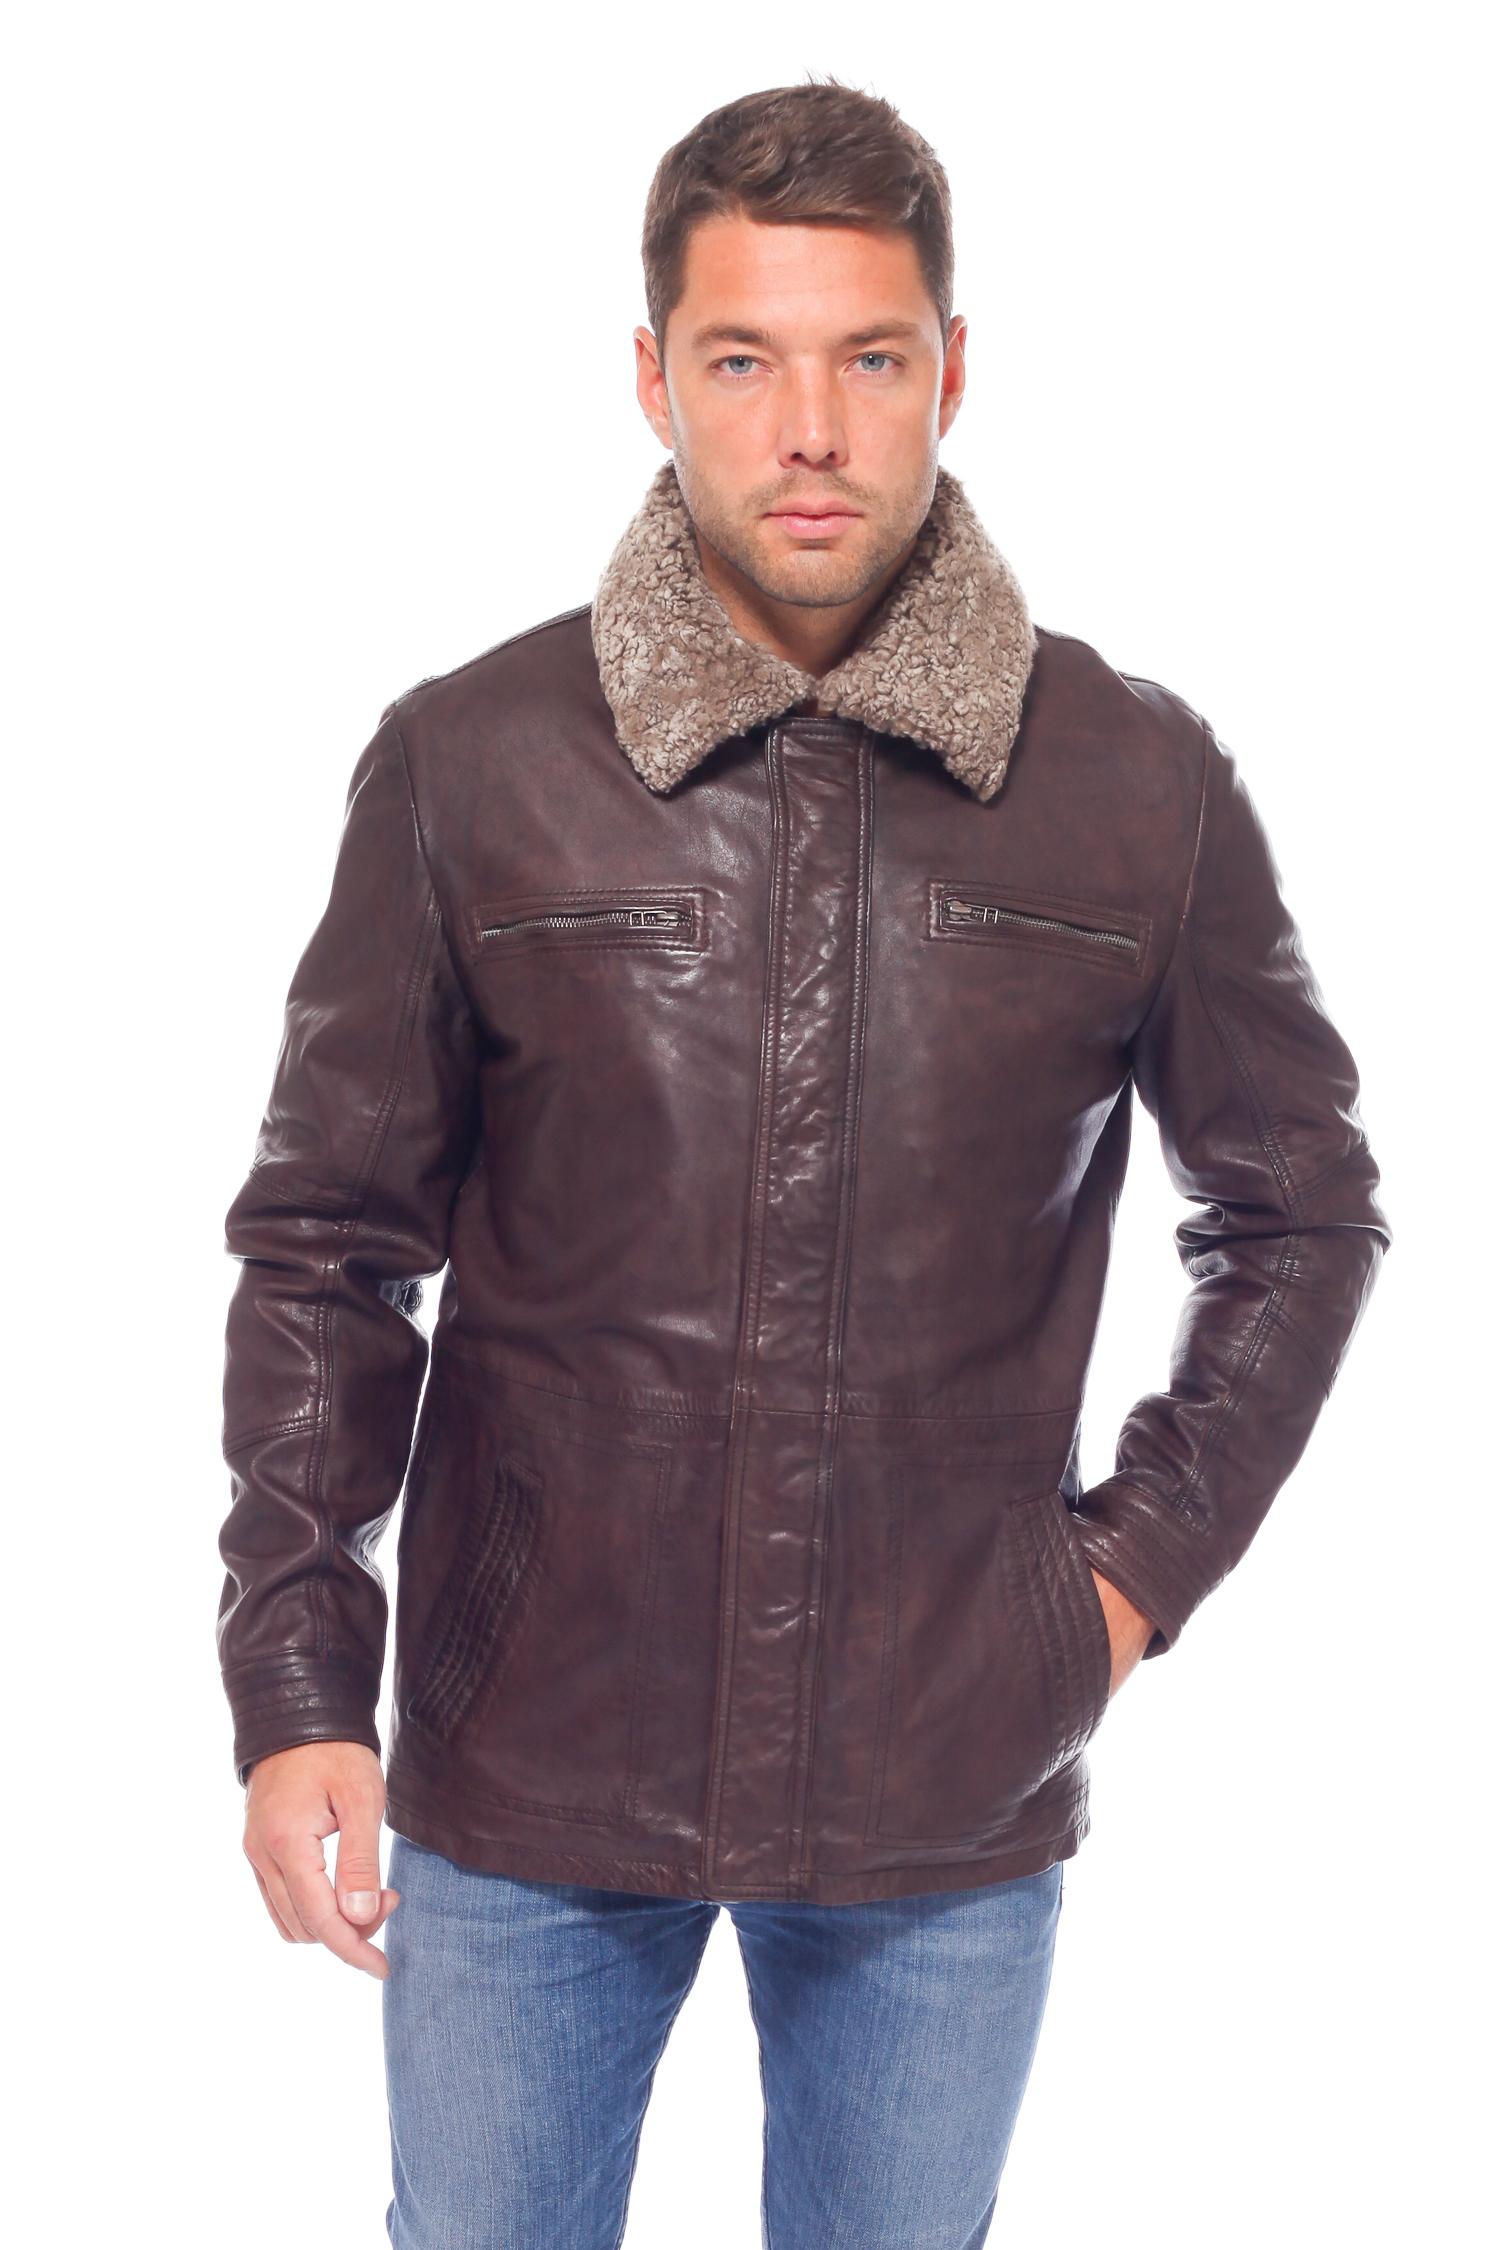 Мужская кожаная куртка из натуральной кожи утепленная, отделка овчина